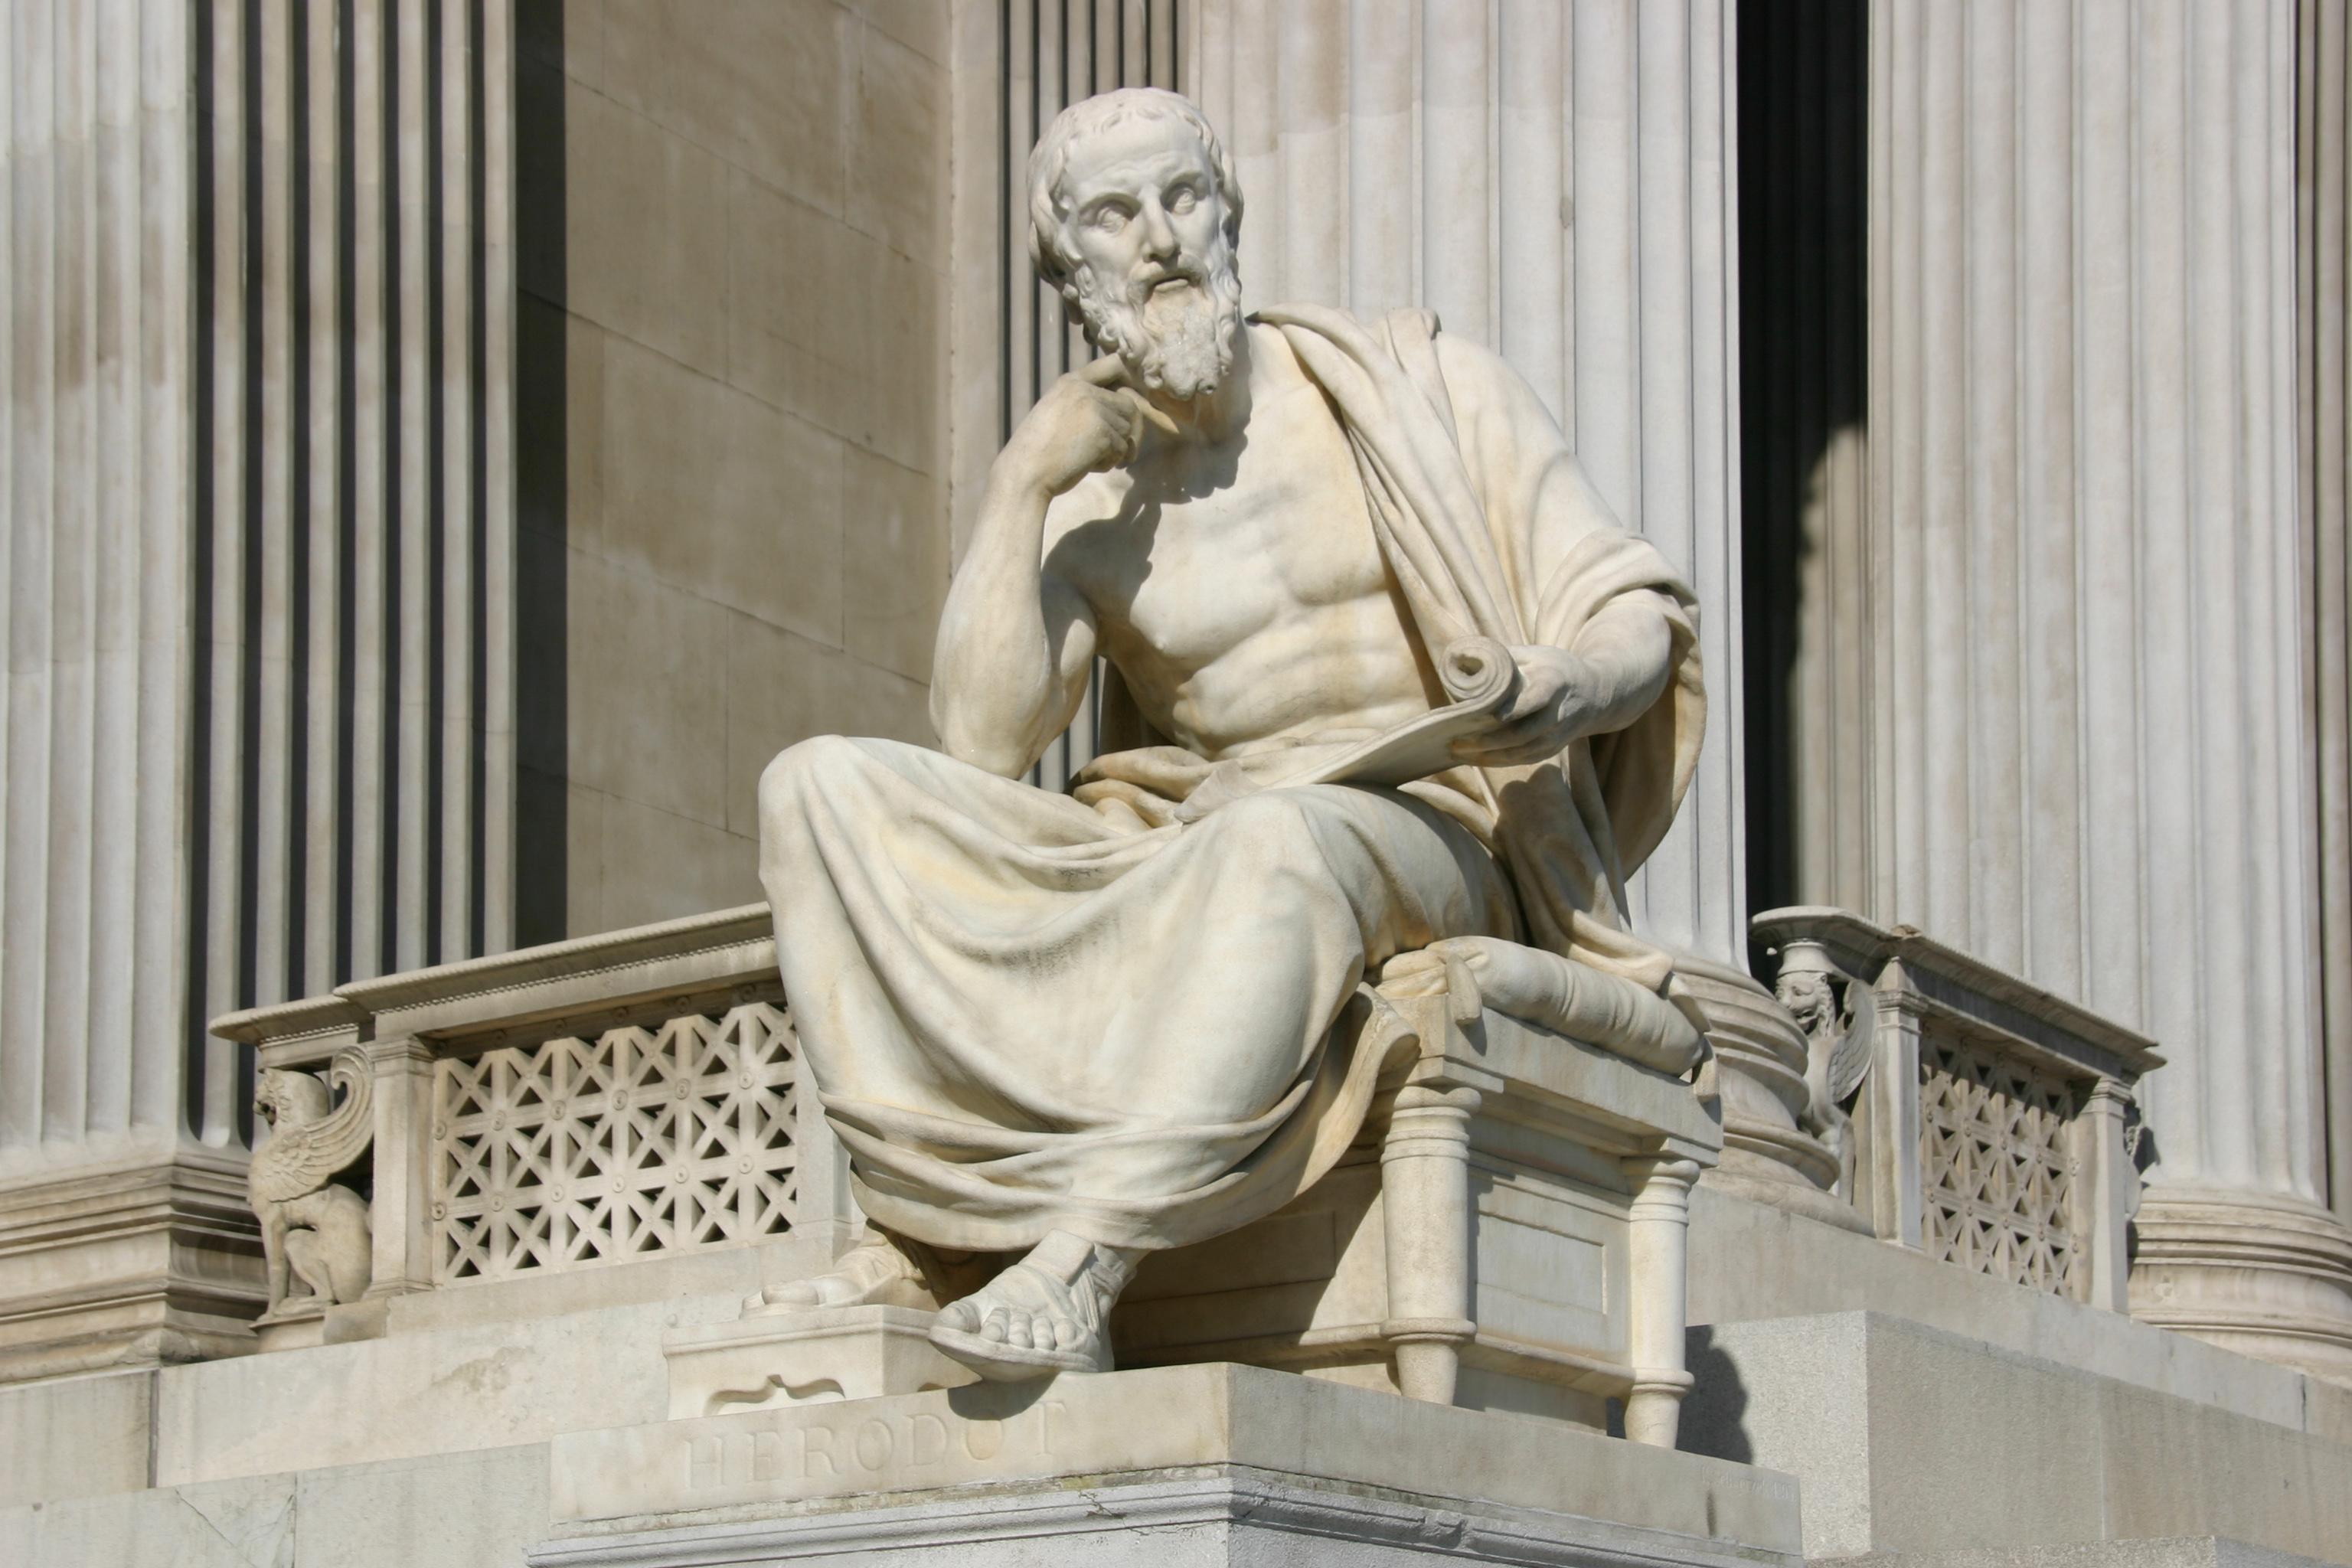 File:Wien-Parlament-154-Herodot-2008-gje.jpg - Wikimedia Commons